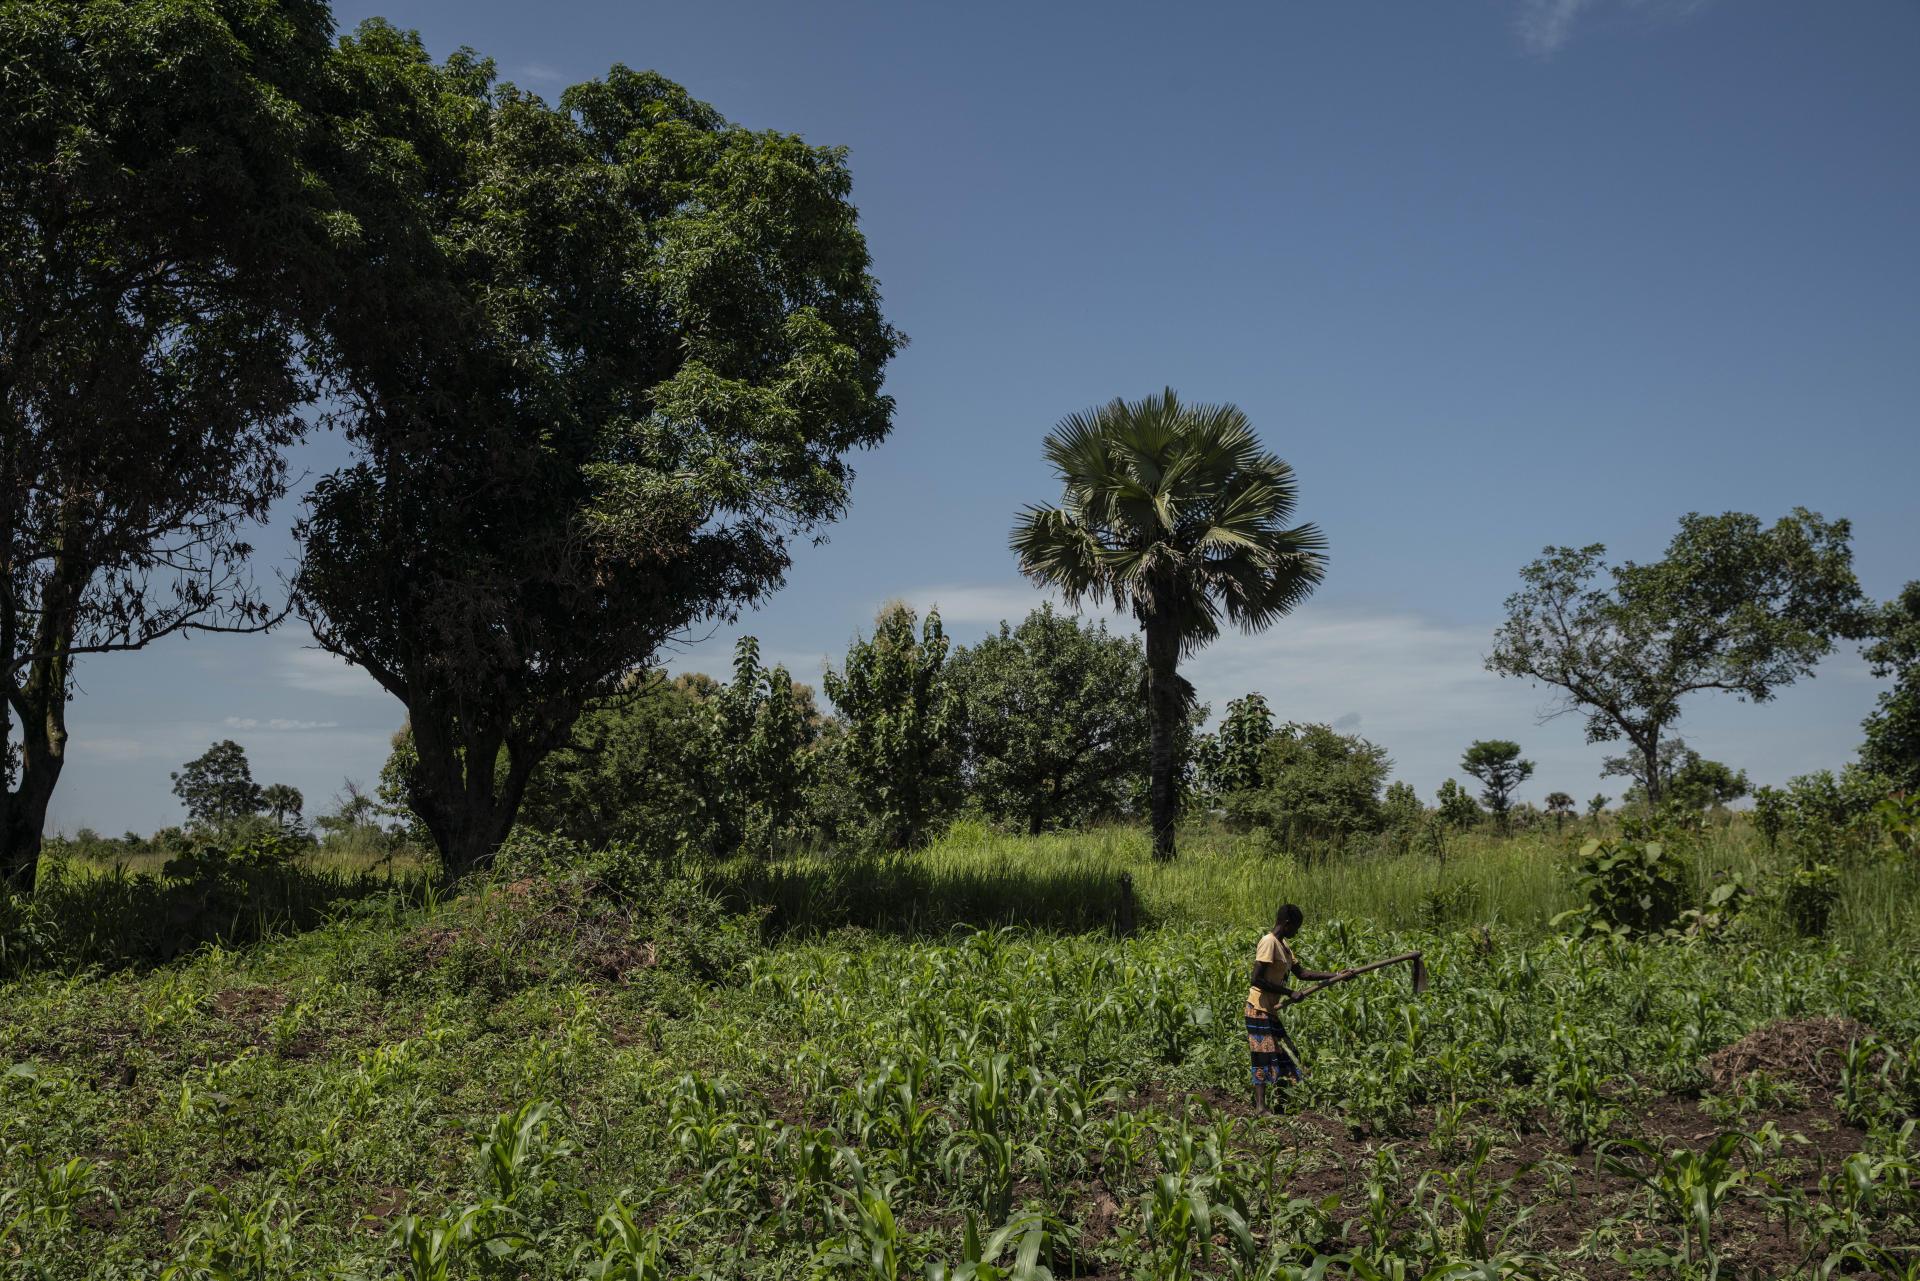 Le 3 juillet 2021, Asunta Oriwa, 30 ans, cultive la terre après son retour récent dans la ville d'Yei, au Soudan du Sud.